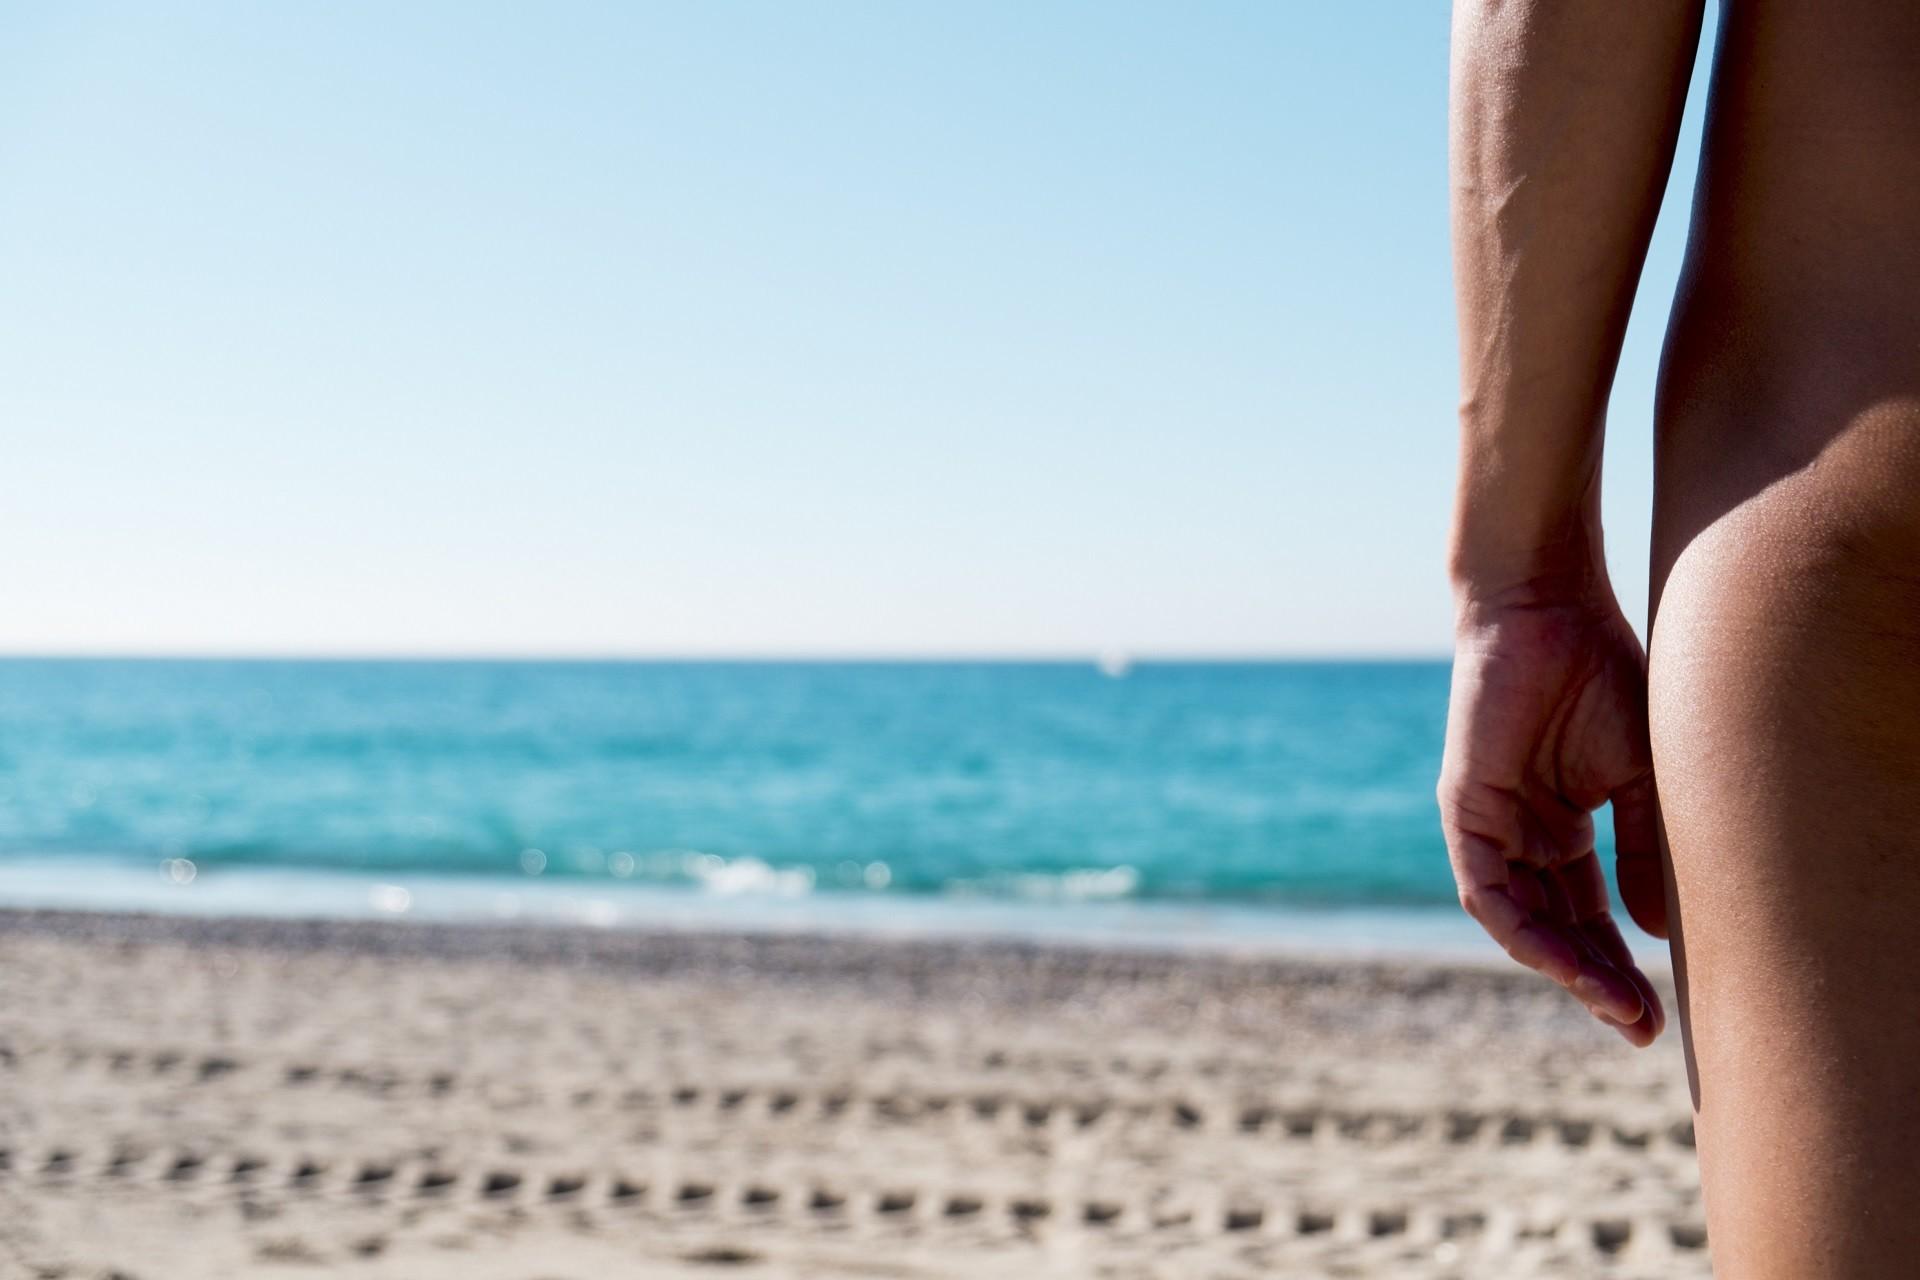 Filmy dla nudystów na plaży